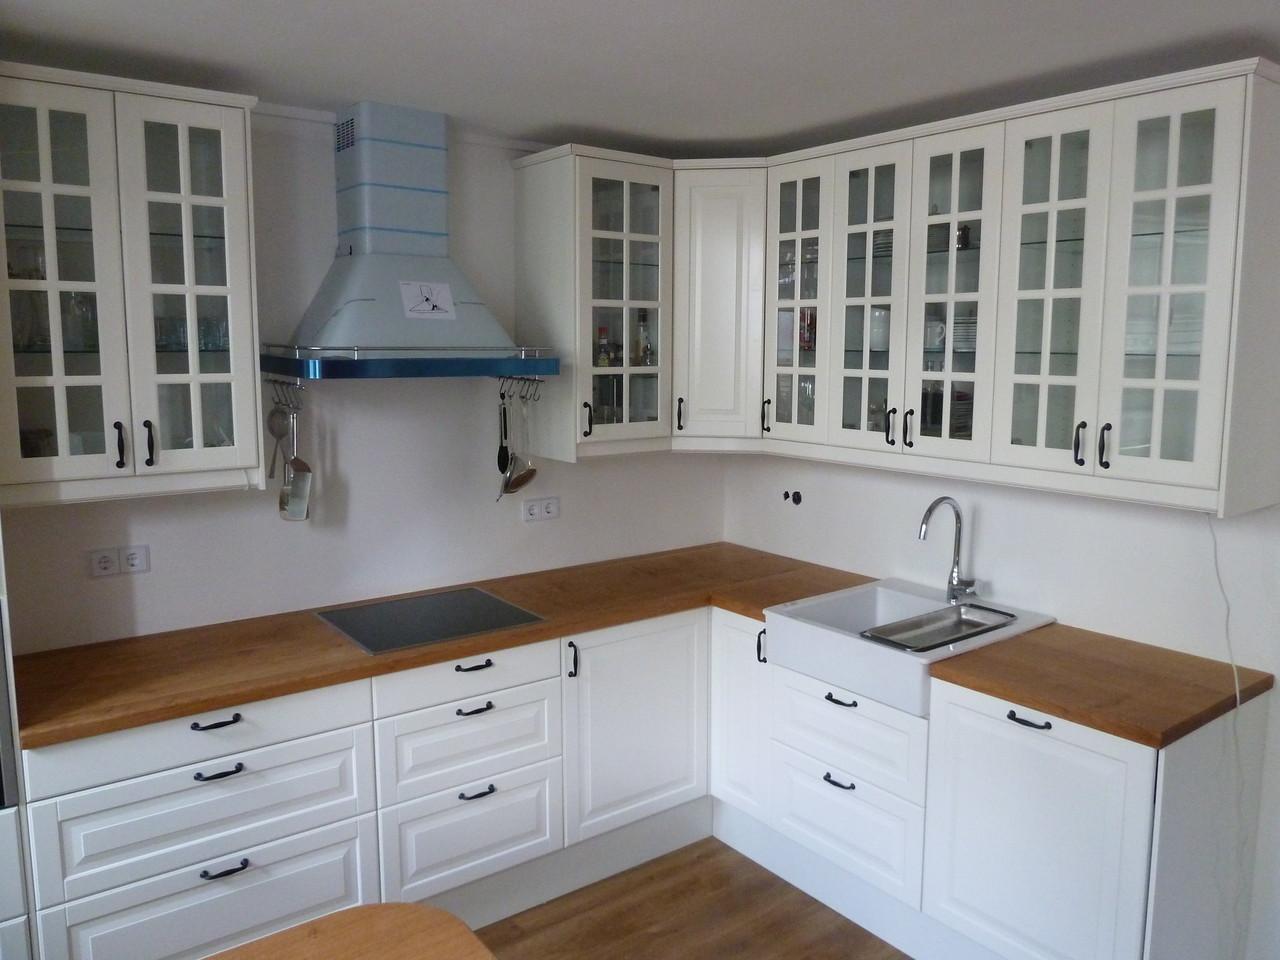 Tresen und Küchenarbeitsplatten aus Eichenholz, naturgeölt